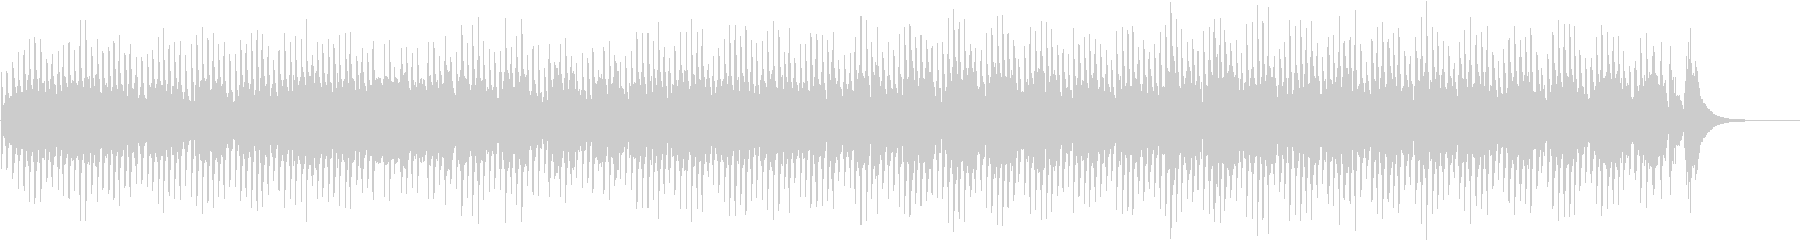 平均律第1番 前奏曲 バッハ オルゴールの未再生の波形